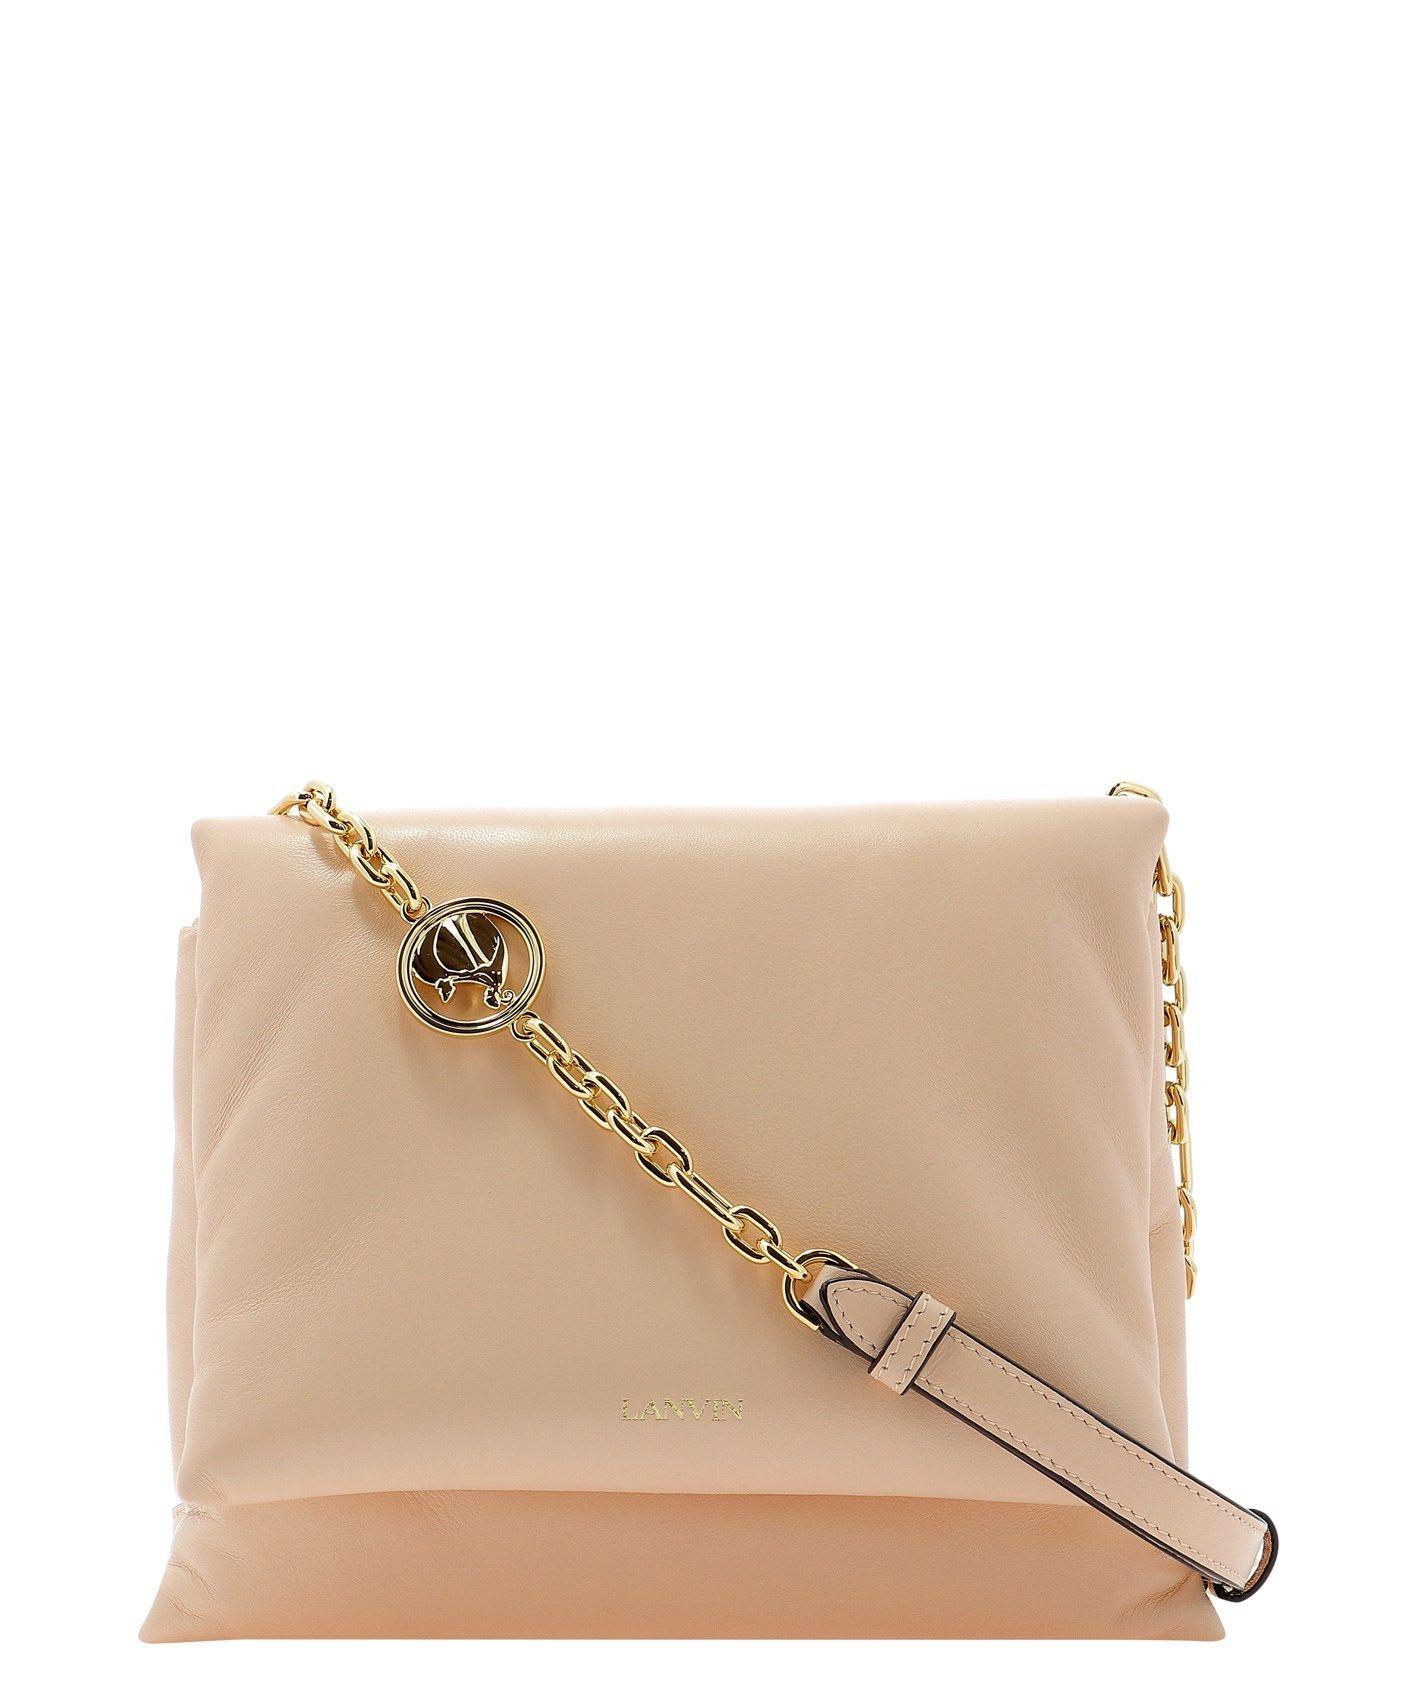 Lanvin LANVIN WOMEN'S PINK OTHER MATERIALS SHOULDER BAG